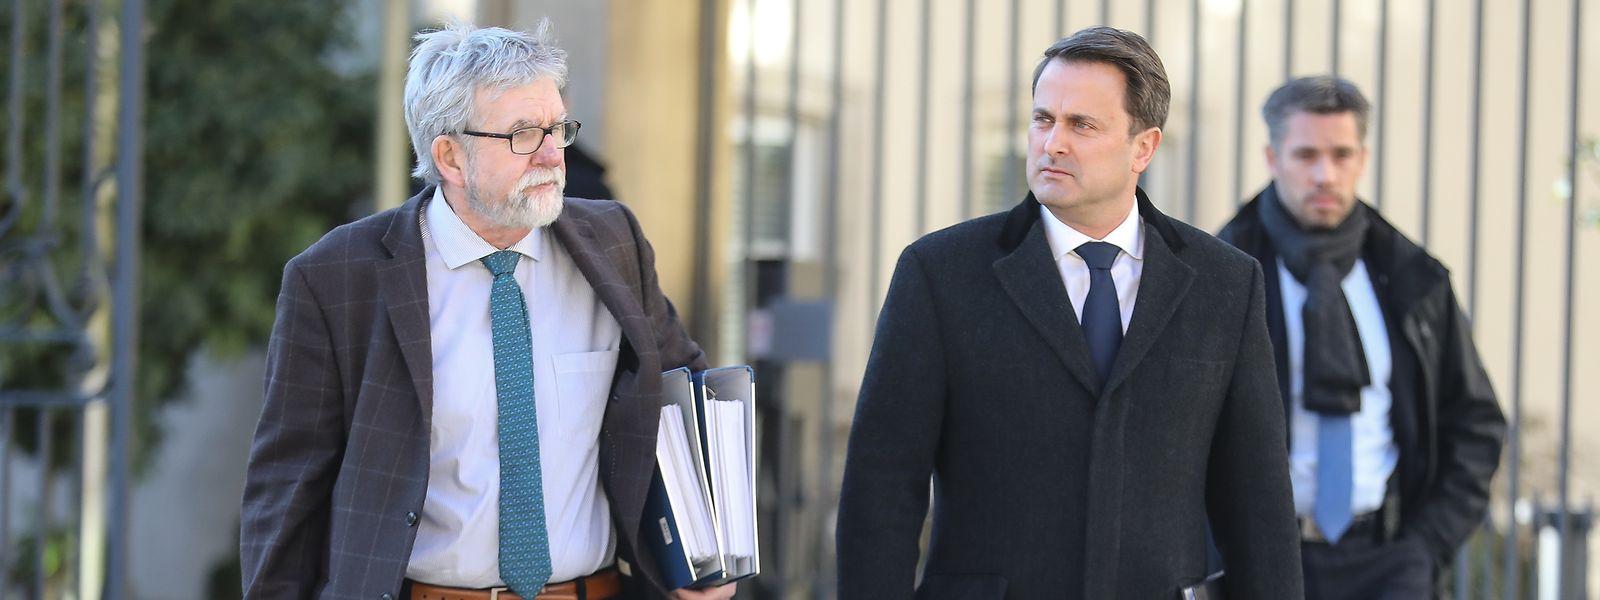 Le 5 février, Jeannot Waringo et le Premier ministre étaient venus présenter le rapport sur le fonctionnement de la cour aux députés.